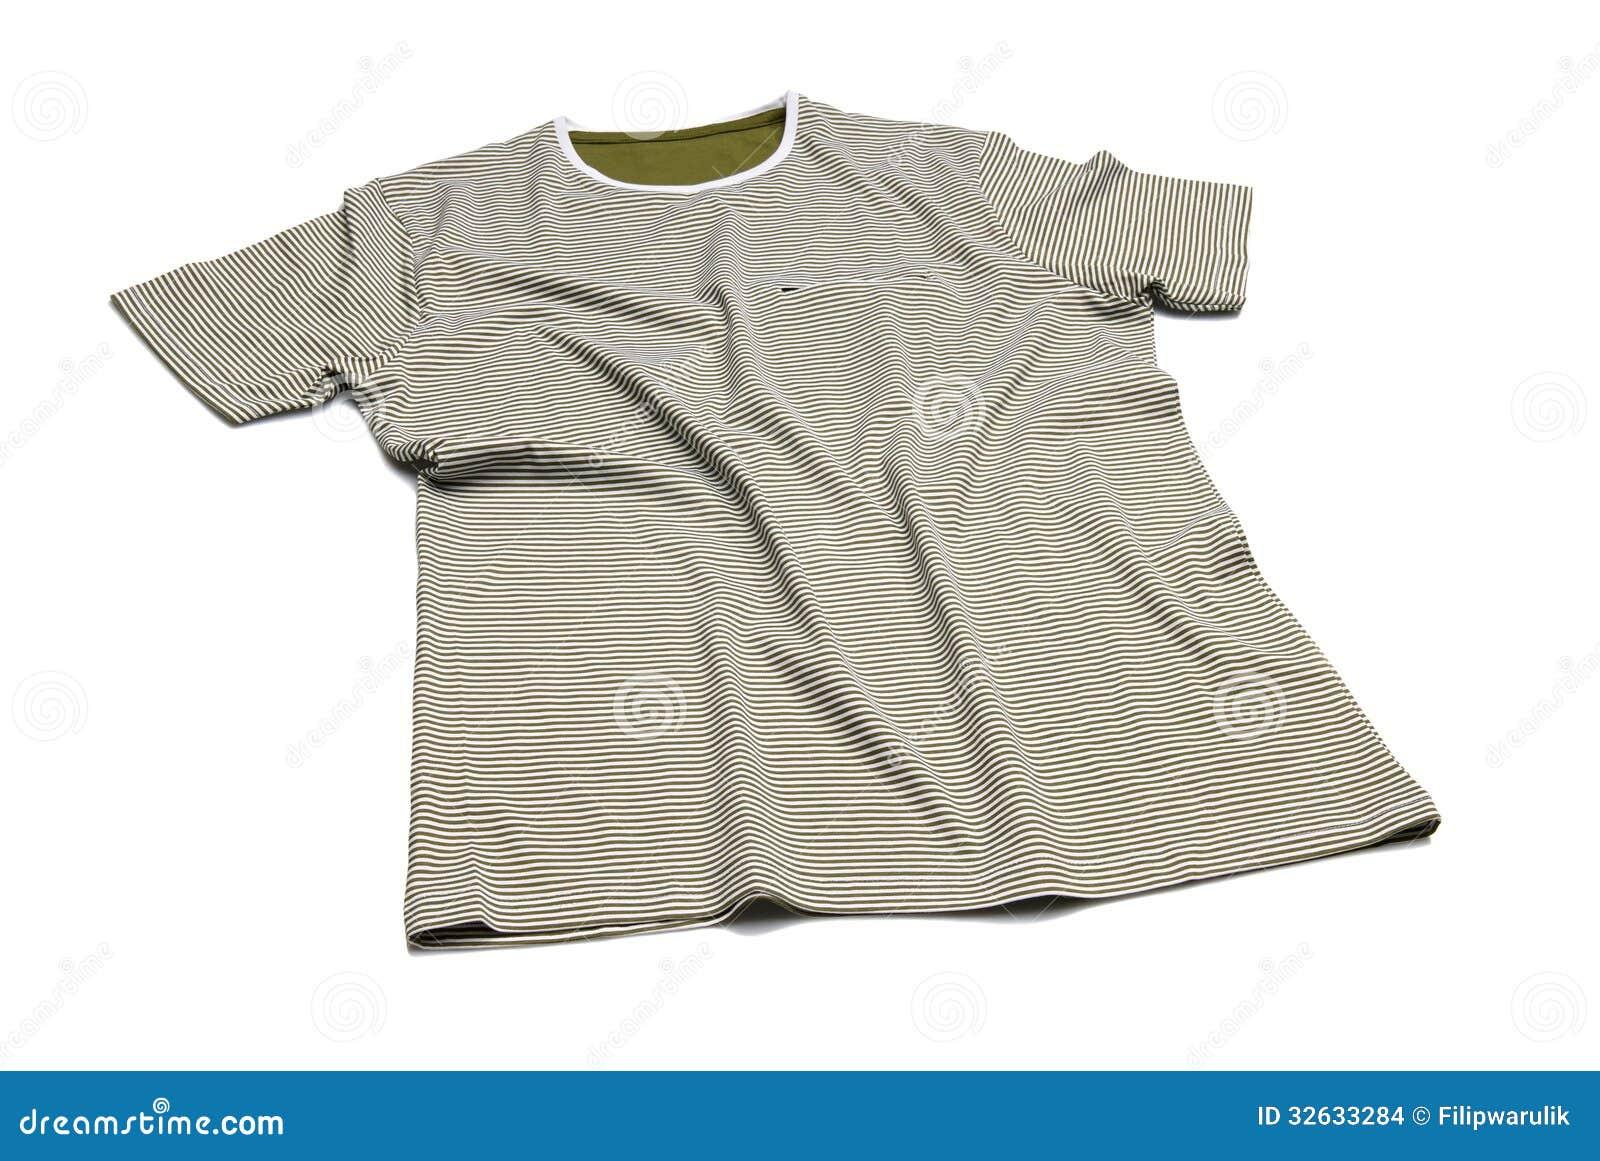 cupidio no t tröja